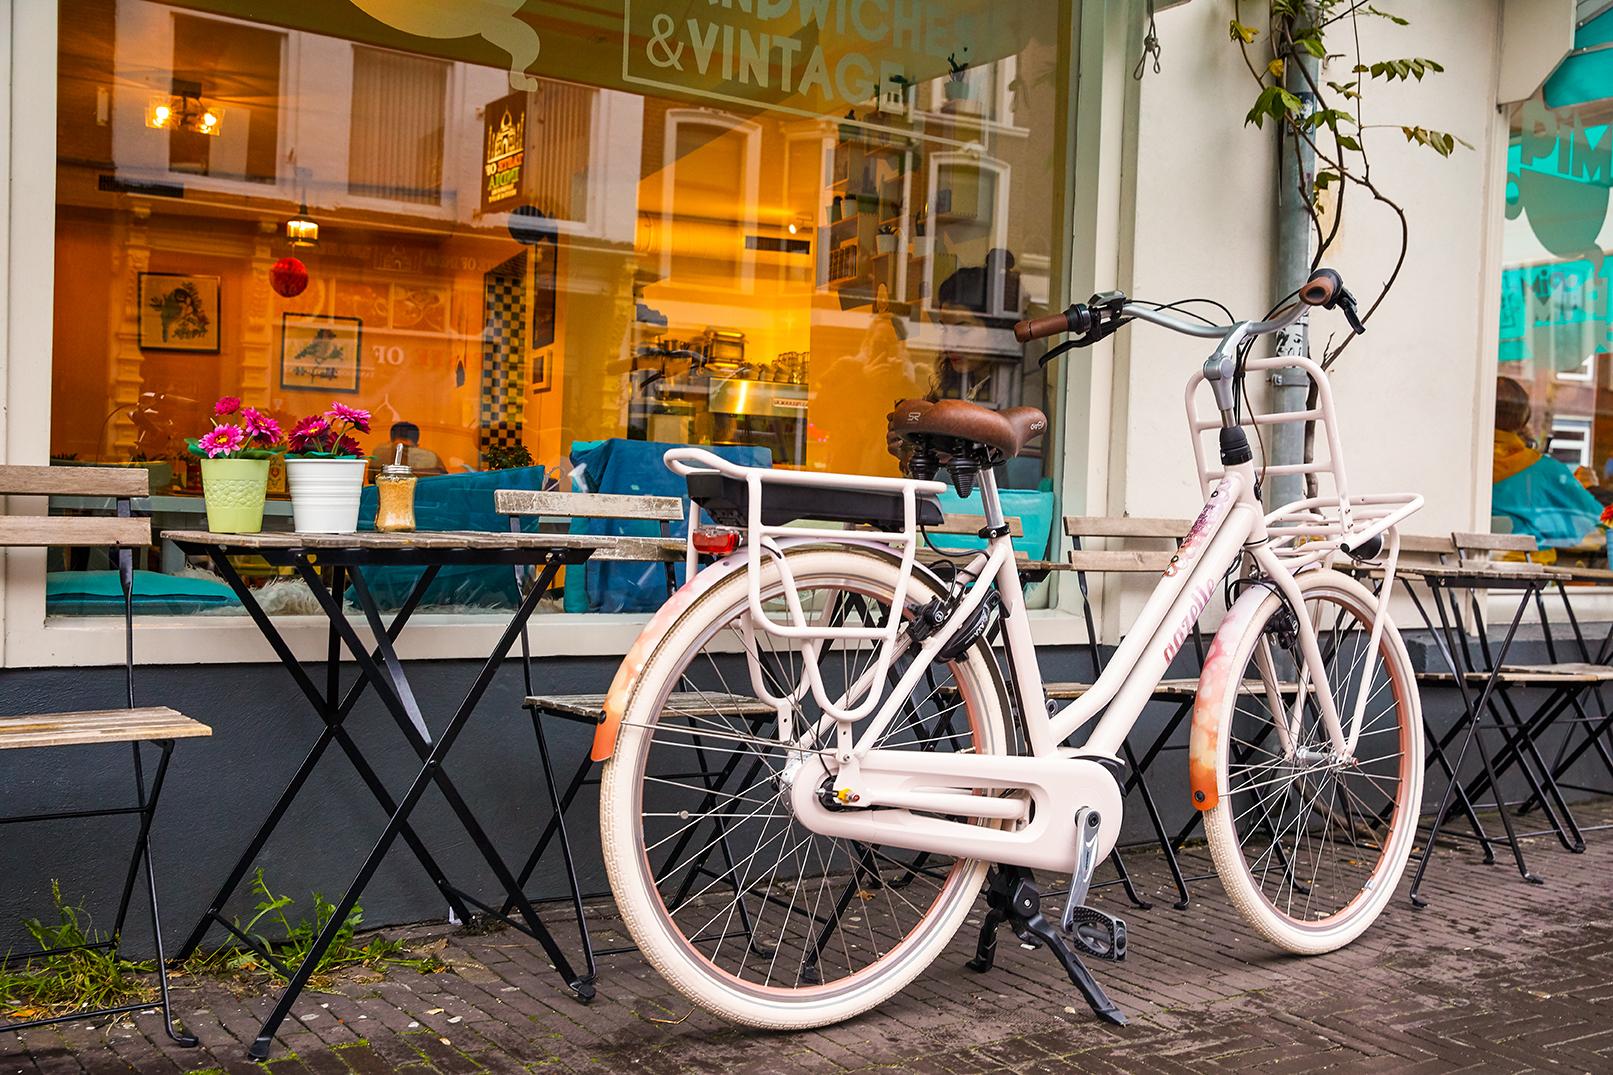 Hvis cykling skal være en fornøjelse, skal du sidde komfortabelt på cyklen.